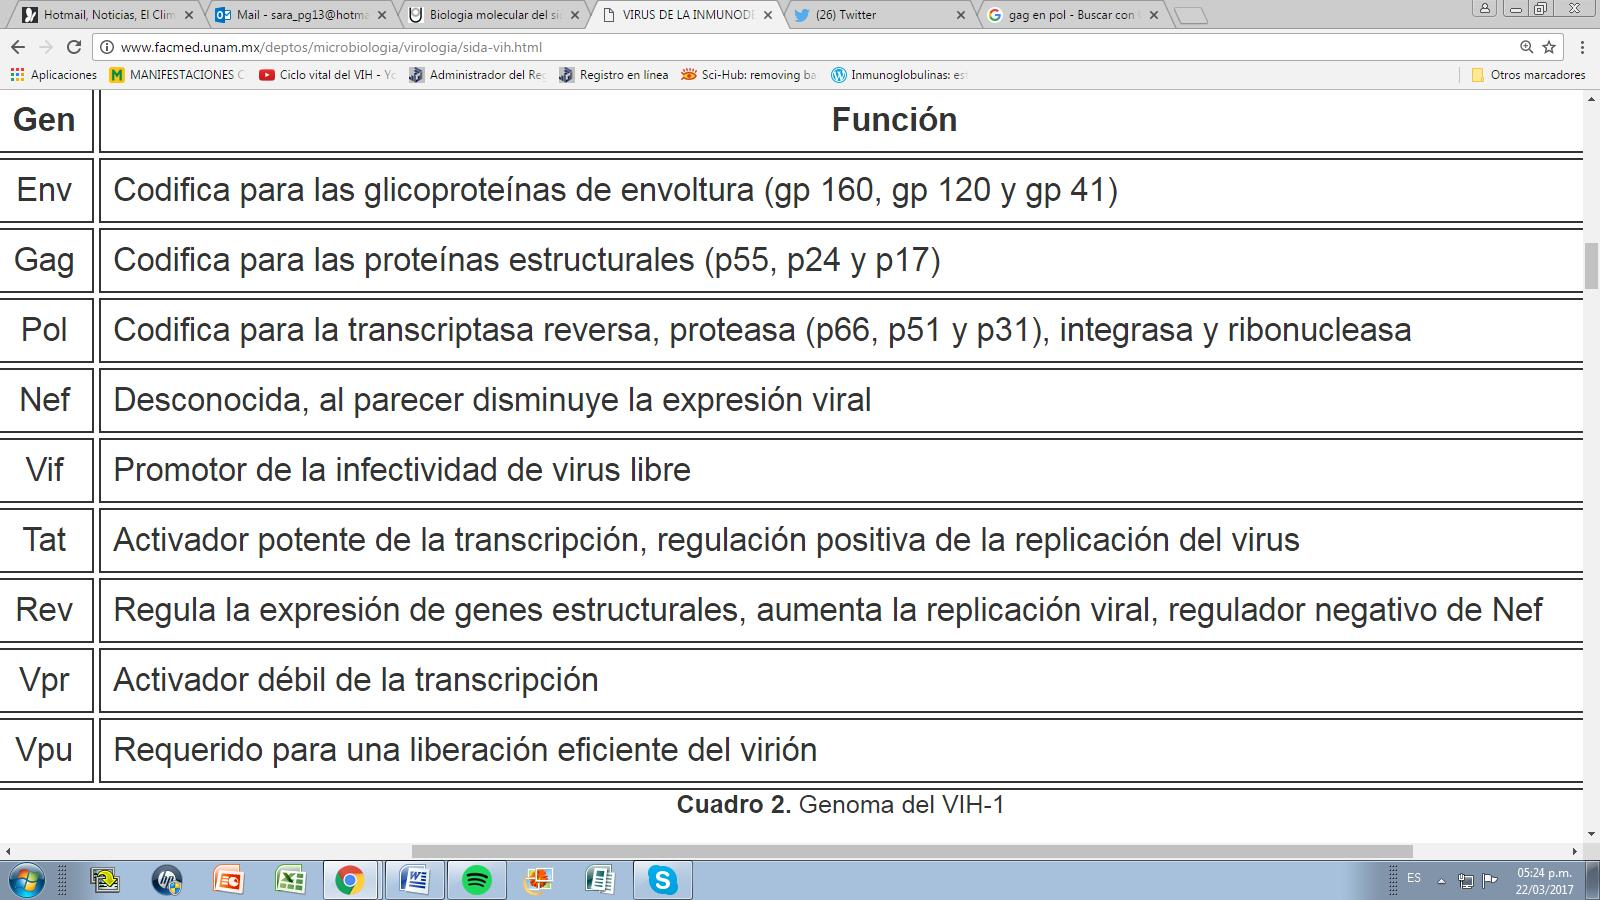 Los lentivirus poseen 3 genes estructurales: env, gag y pol, y también 6 genes adicionales: vif, vpu, vpr, tat, rev y nef #microMOOCSEM2 https://t.co/IBZq3TB9yQ